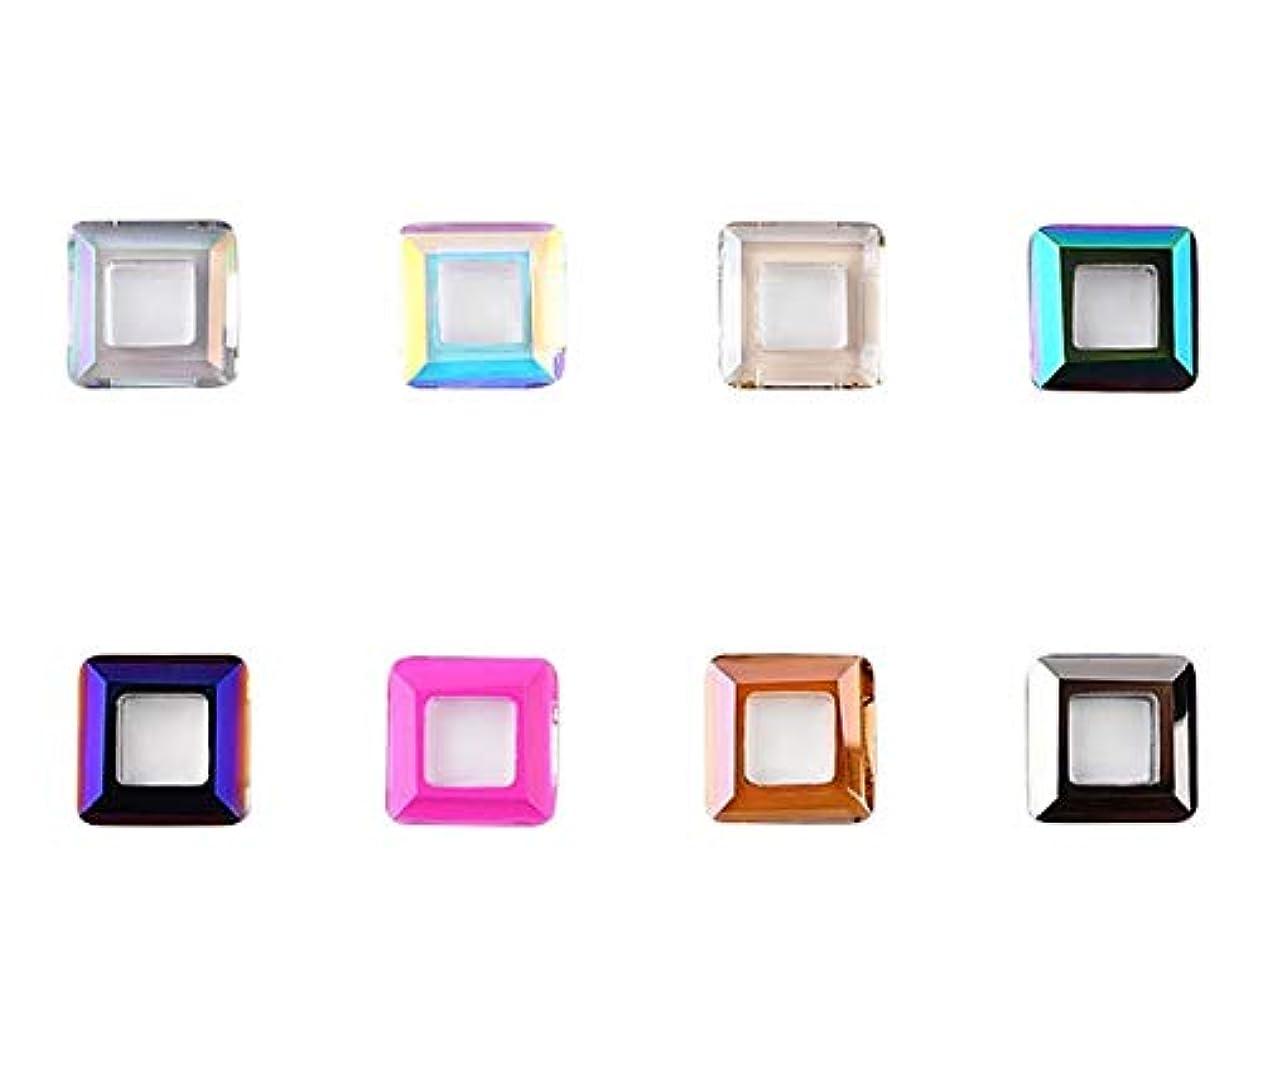 膨らませるマオリ静かなTianmey ネイルアートクラフト用ガラスクリスタルラインストーン、クリスタル3Dデコレーションフラットバック?ストーンズ宝石広場